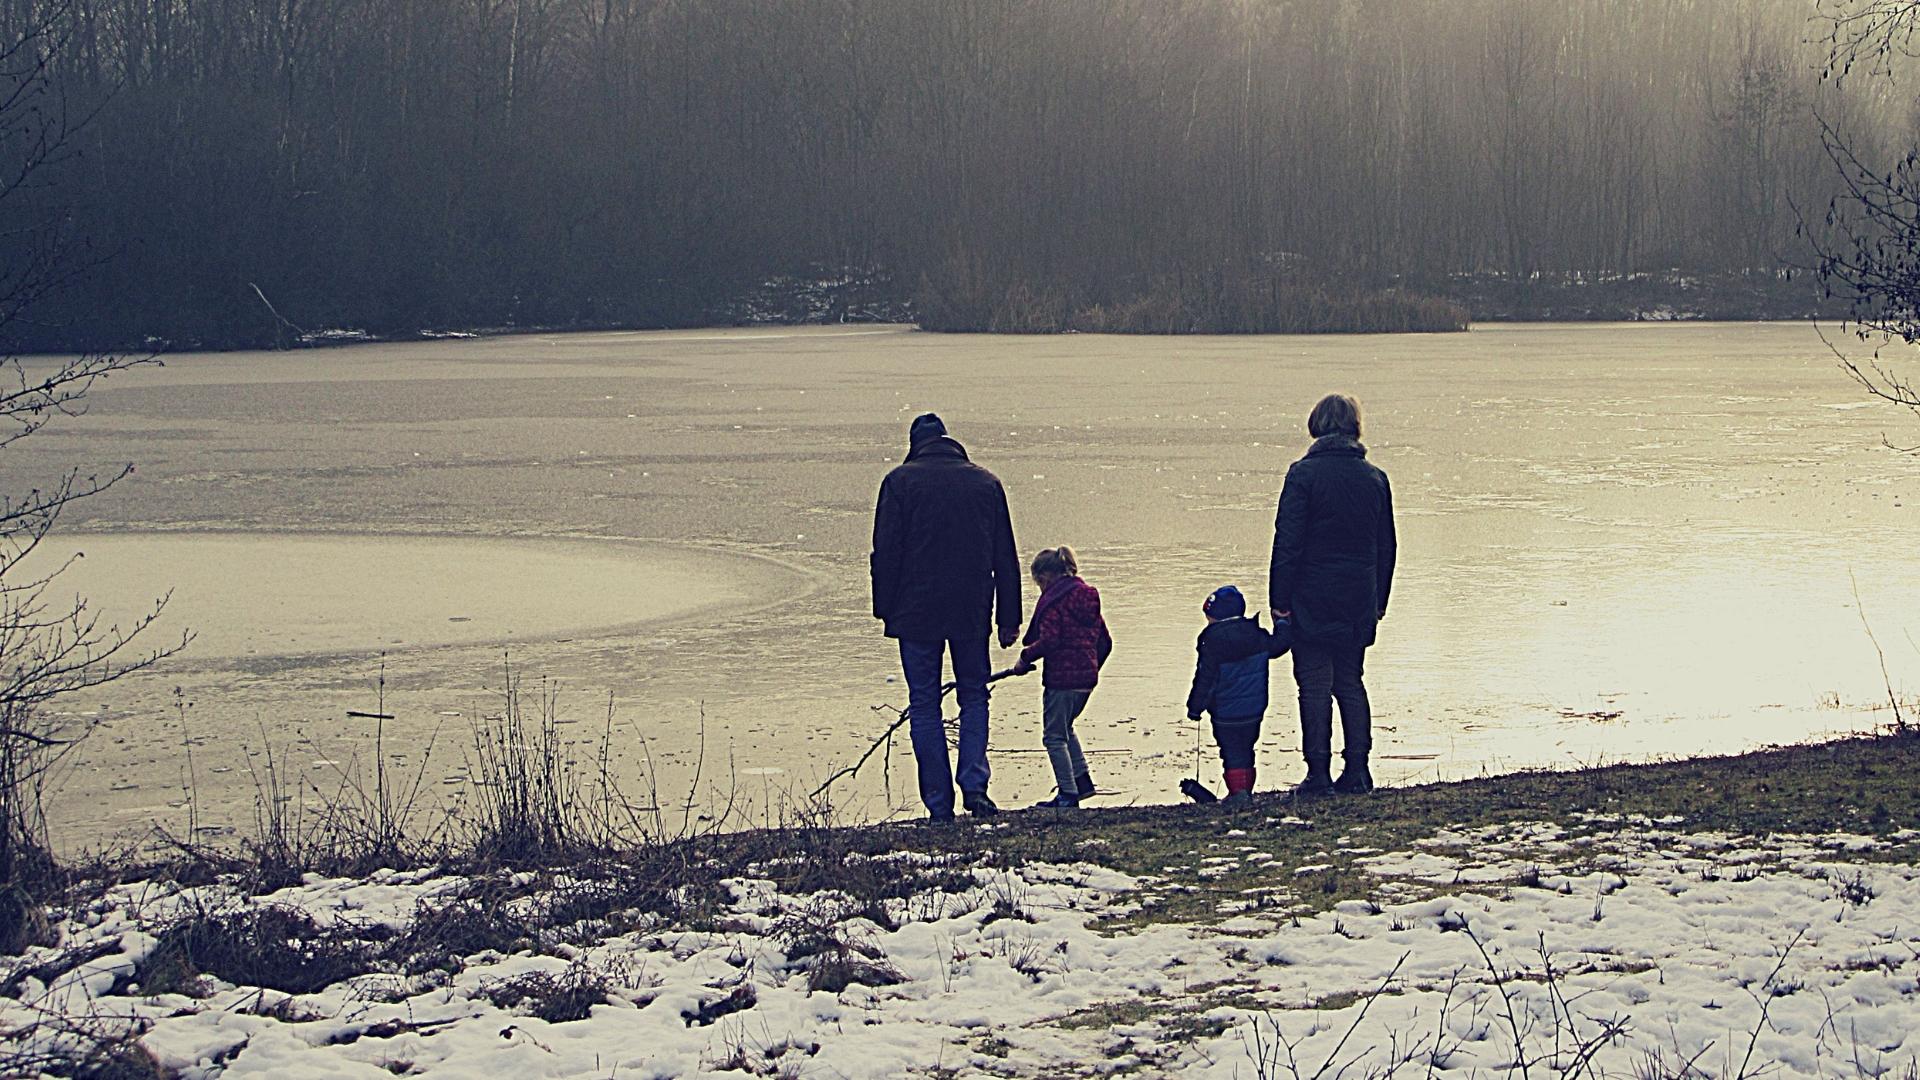 家族の存在が男性にもたらすメリットは、すべての男性にやってくるものじゃない